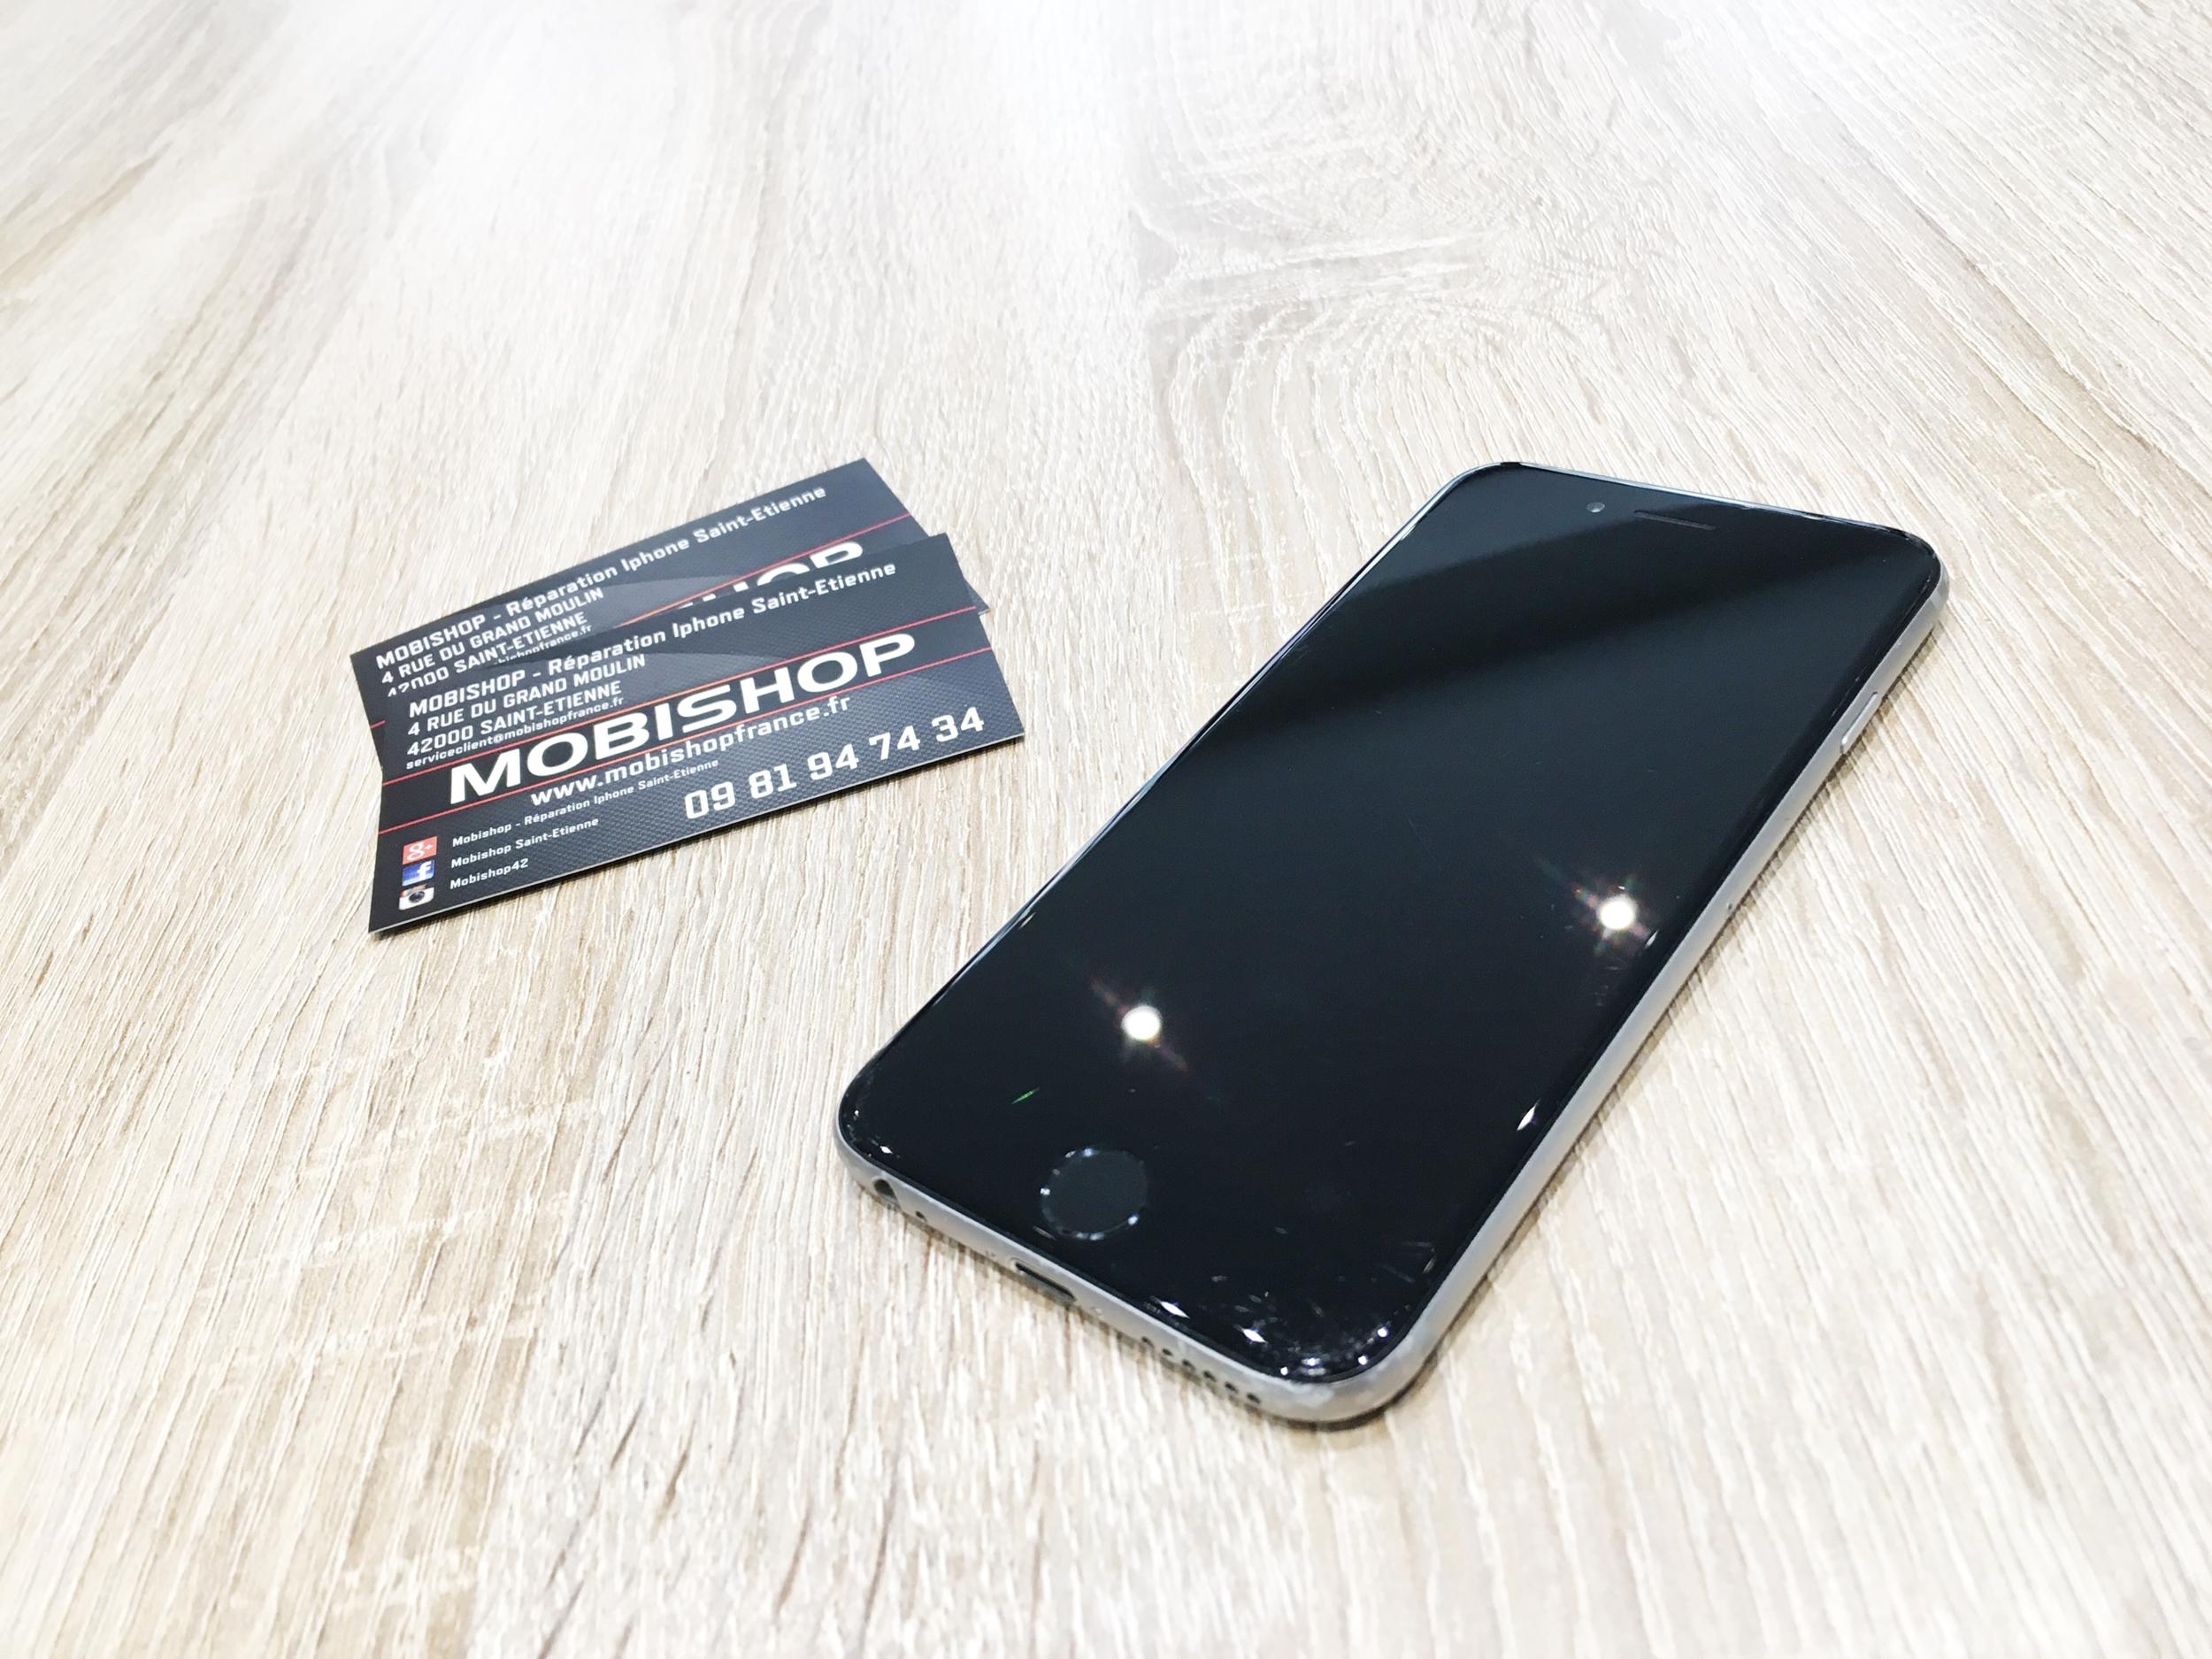 remplacement de la batterie sur cet iphone 6 mobishop actualit s mobishop saint etienne. Black Bedroom Furniture Sets. Home Design Ideas